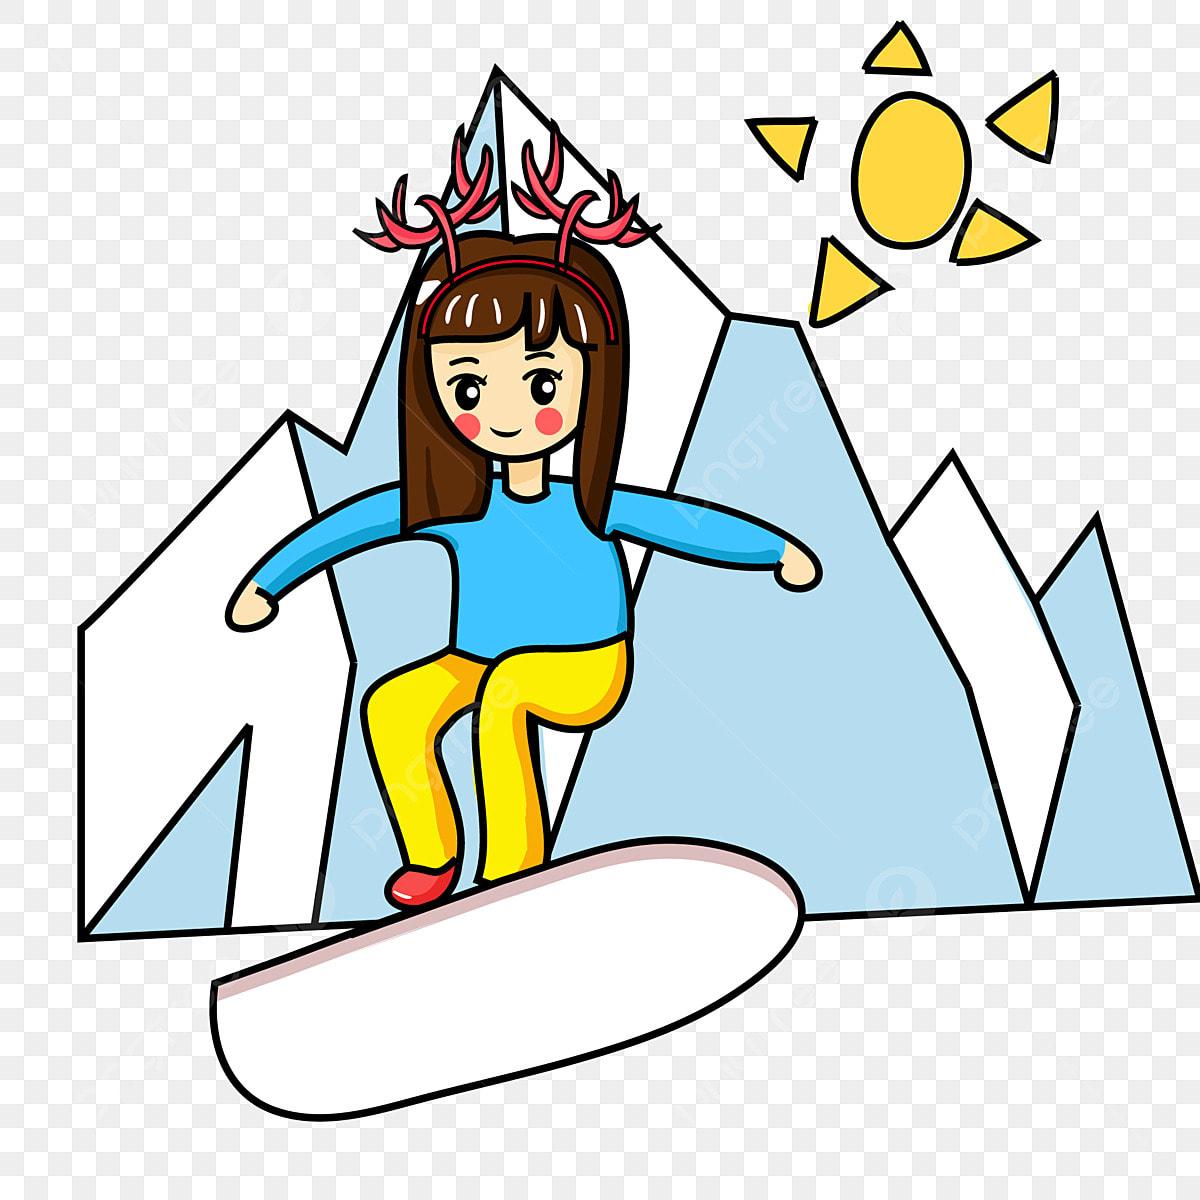 Elemen Ski Musim Sejuk Kartun Yang Mudah Berski Unsur